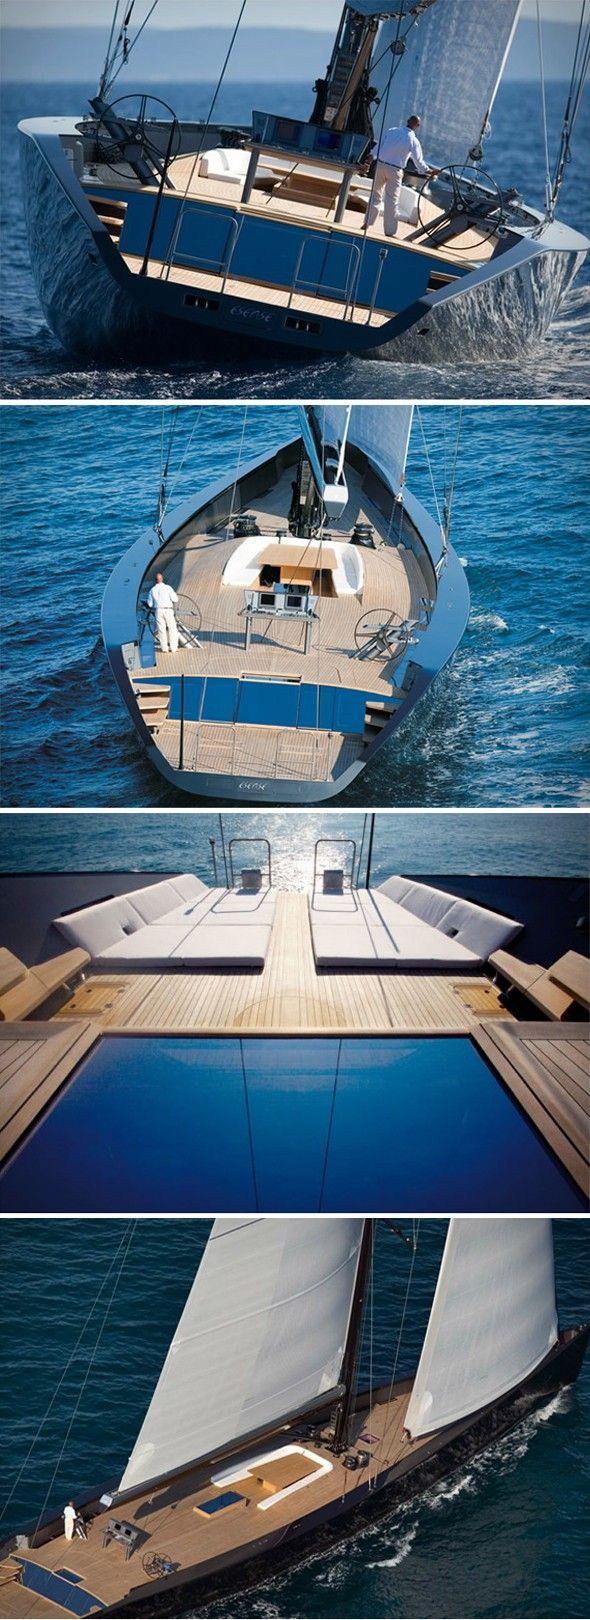 Entre voilier et yacht, toute la beauté du design italien Wally, le  constructeur italien de bateaux internationalement reconnu pour ses projets  grand luxe,